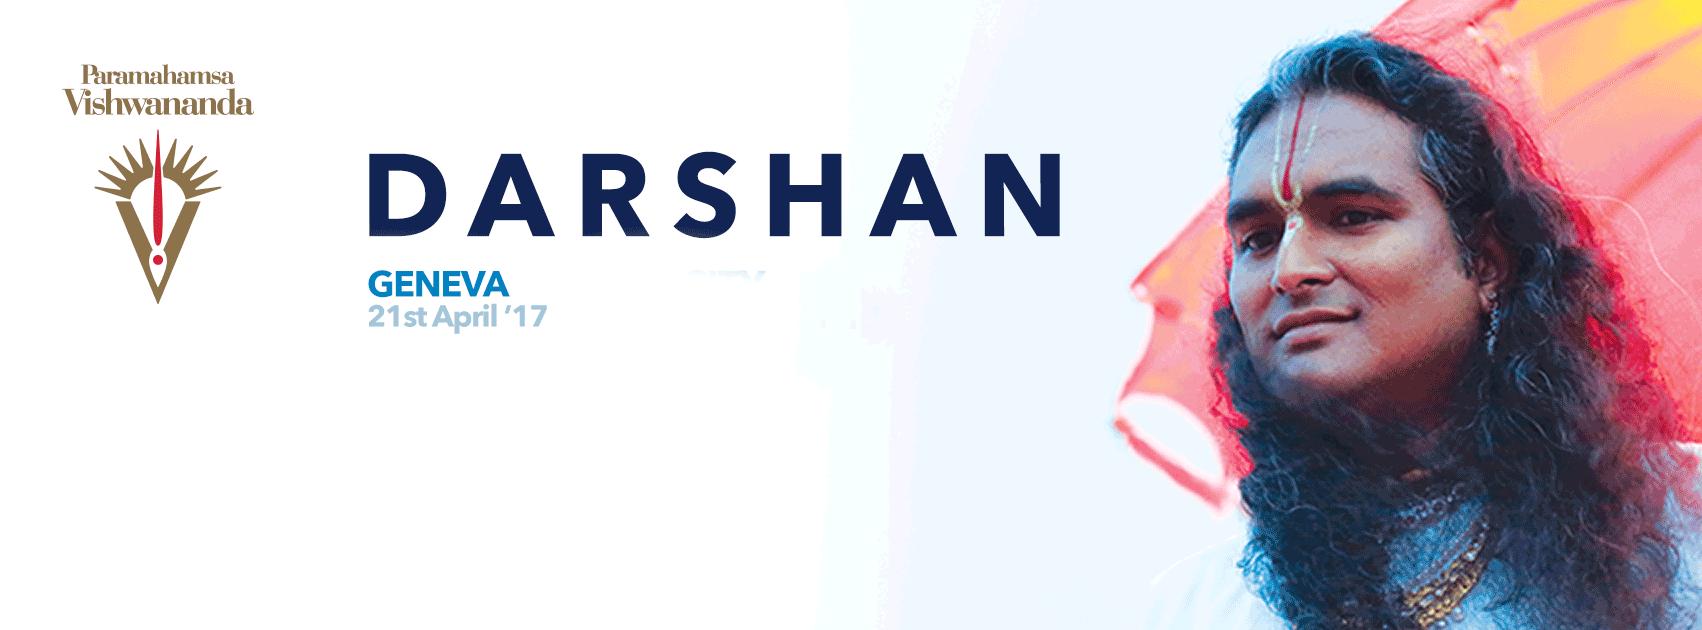 Darshan EN Web